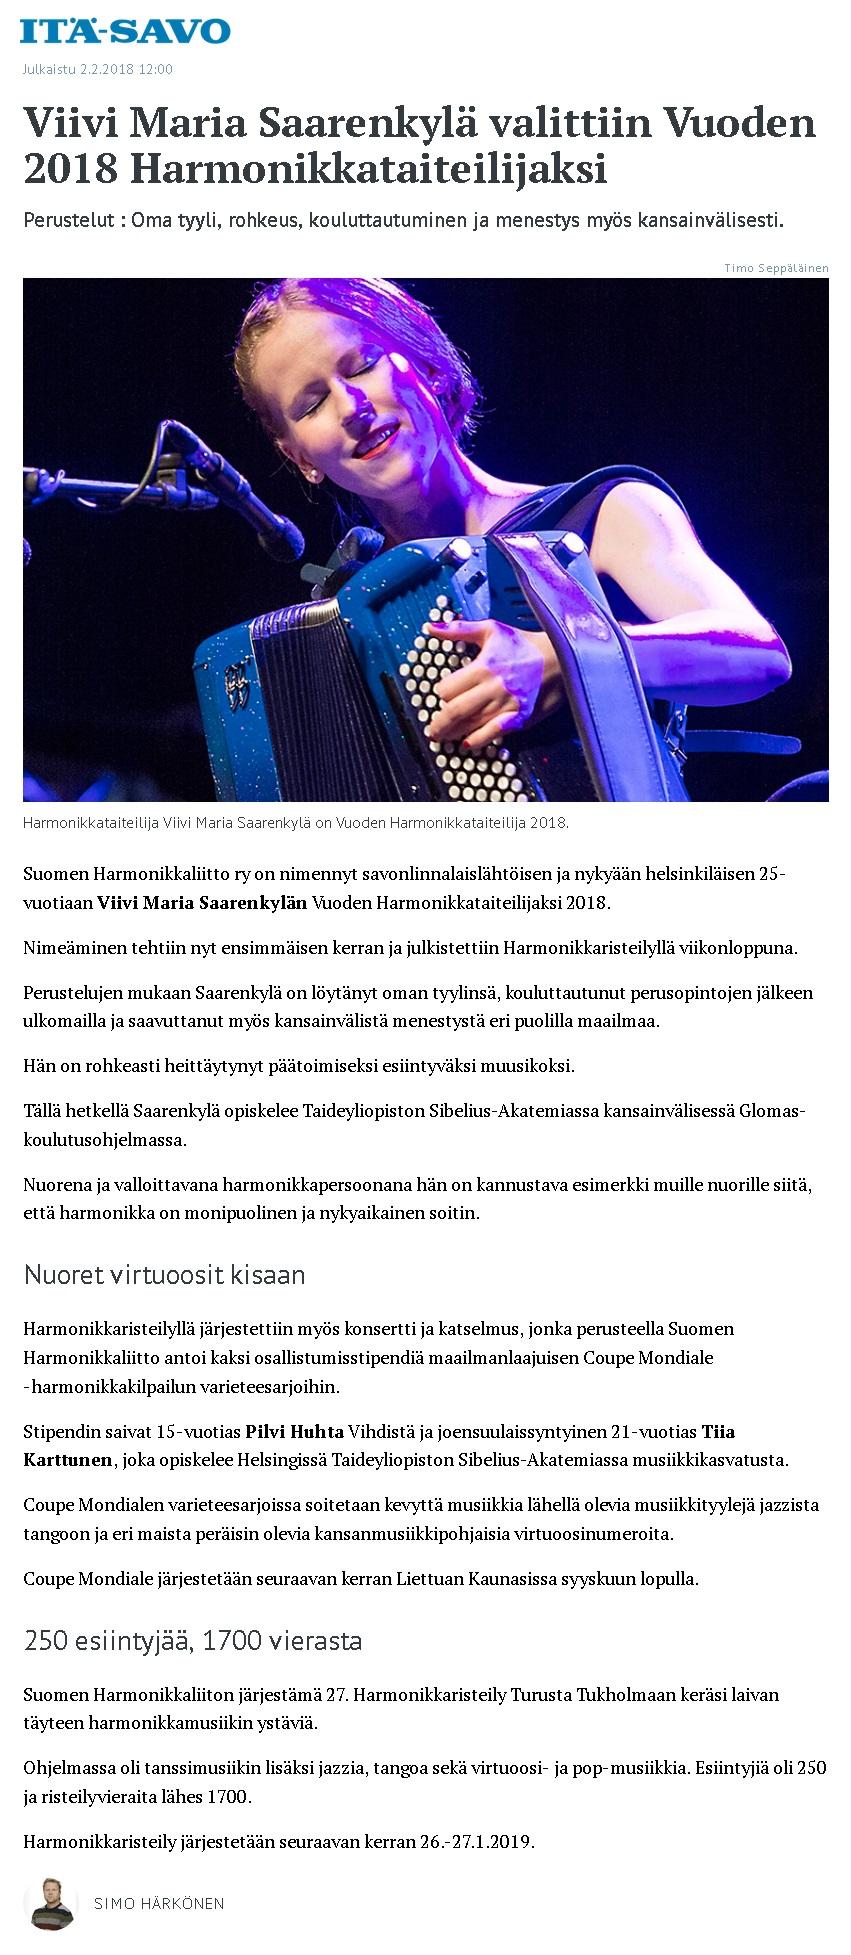 Itä-Savo (Finland), 2.2.2018